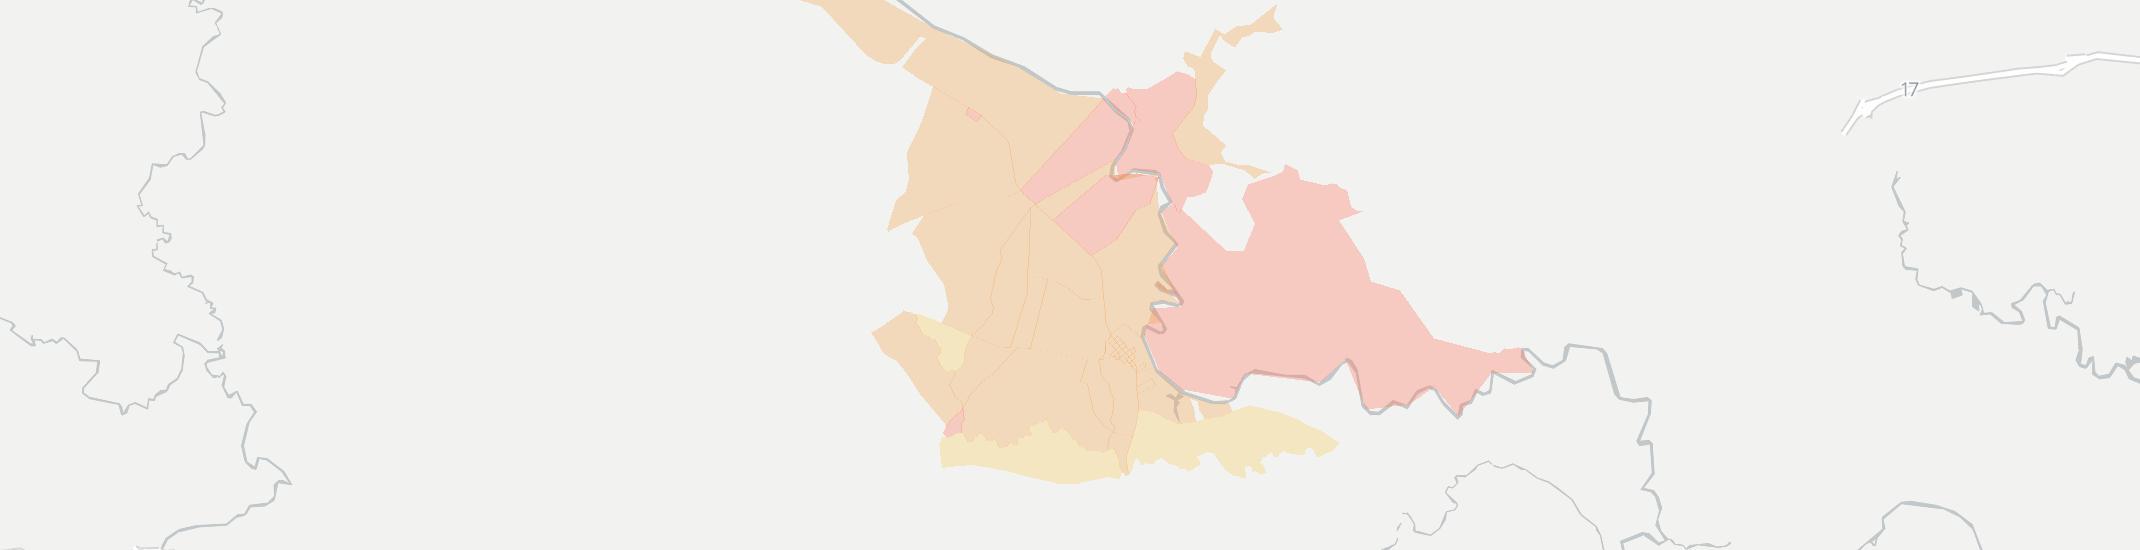 Hamilton Nc Map.Internet Providers In Hamilton Nc Compare 6 Providers